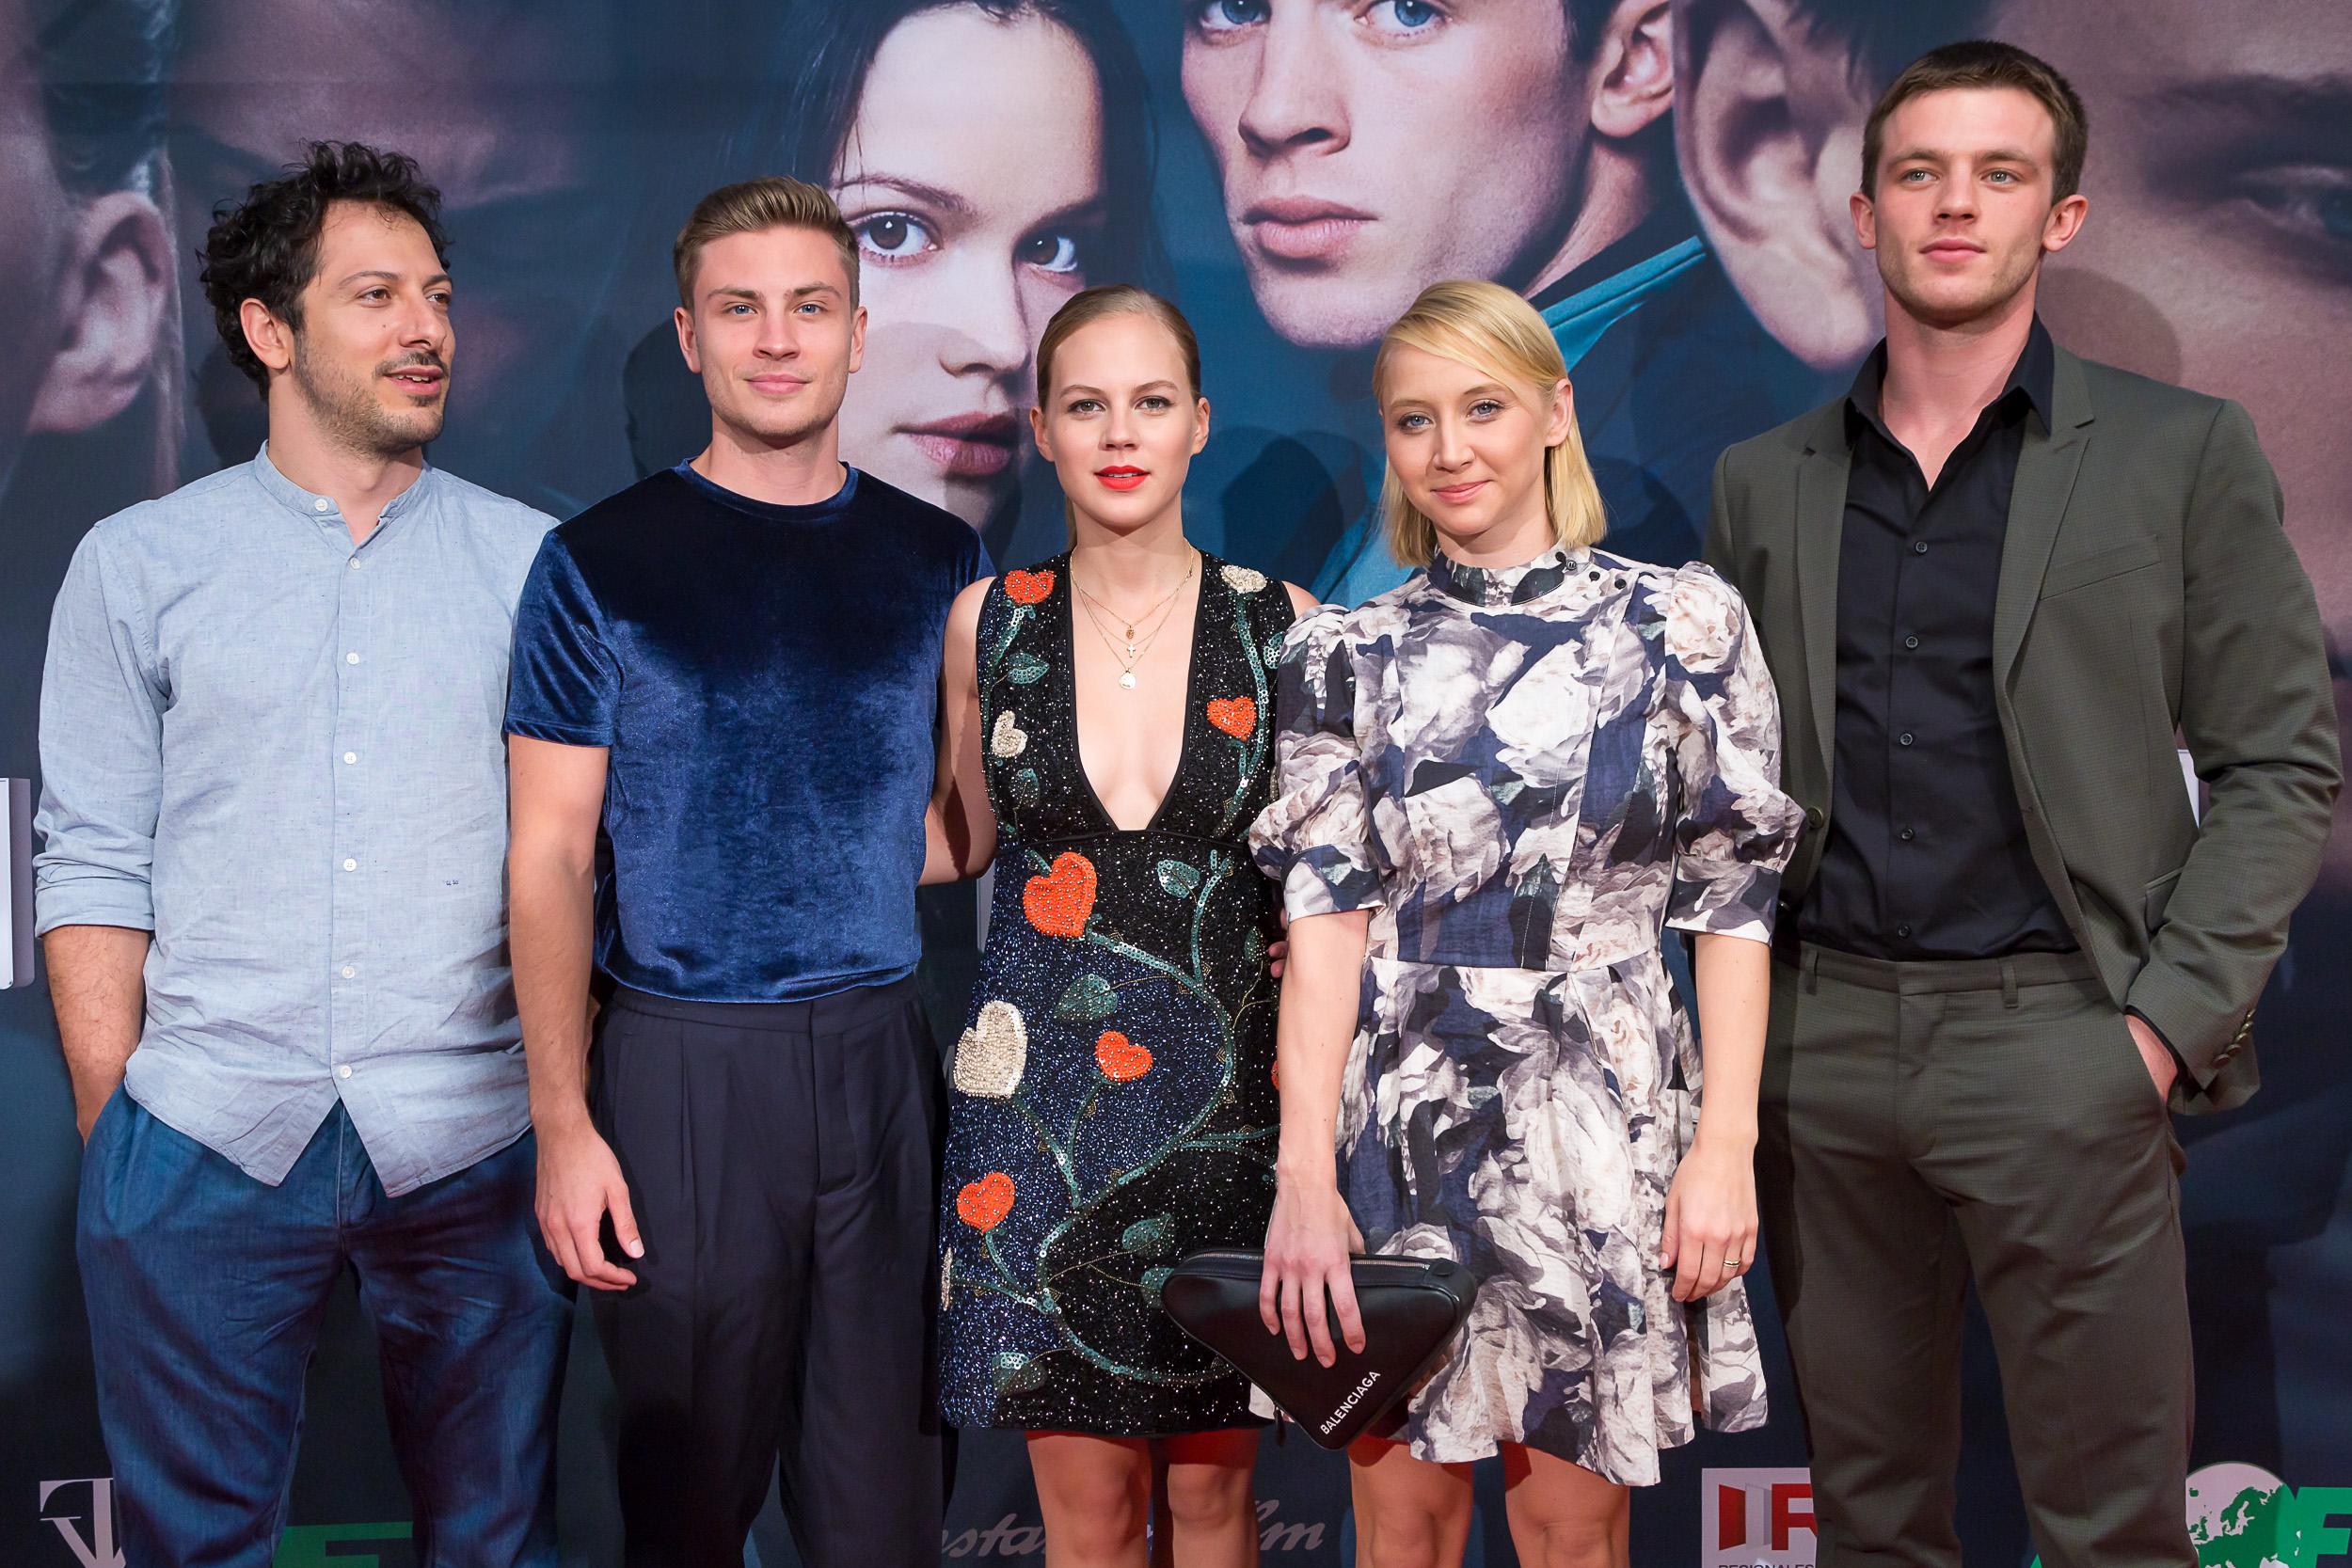 Von Links nach Rechts:Farhri Yadrim (Lehrer) , Jannik Schümann (Titus), Alicia von Rittberg (Nadesh), Anna Maria Mühe (Loreen), Jannis Niewöhner (Zach)